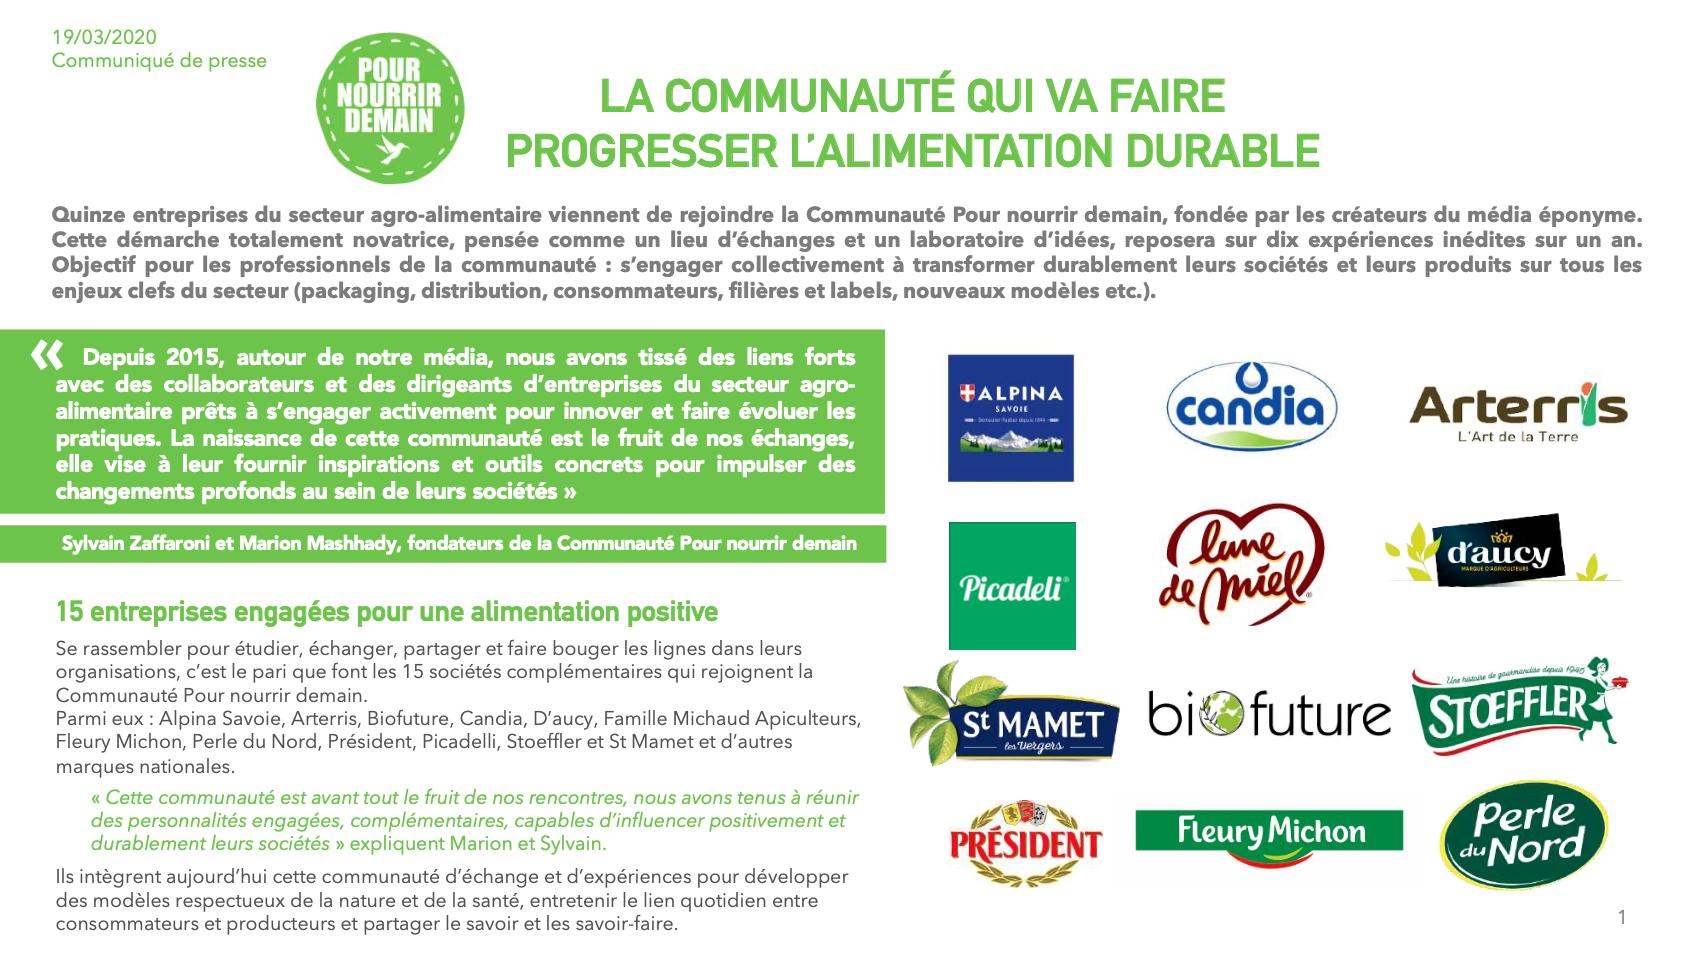 Capture d'écran 2020 03 17 à 19.05.16 - La Communauté qui va faire progresser l'alimentation durable (Communiqué de presse)